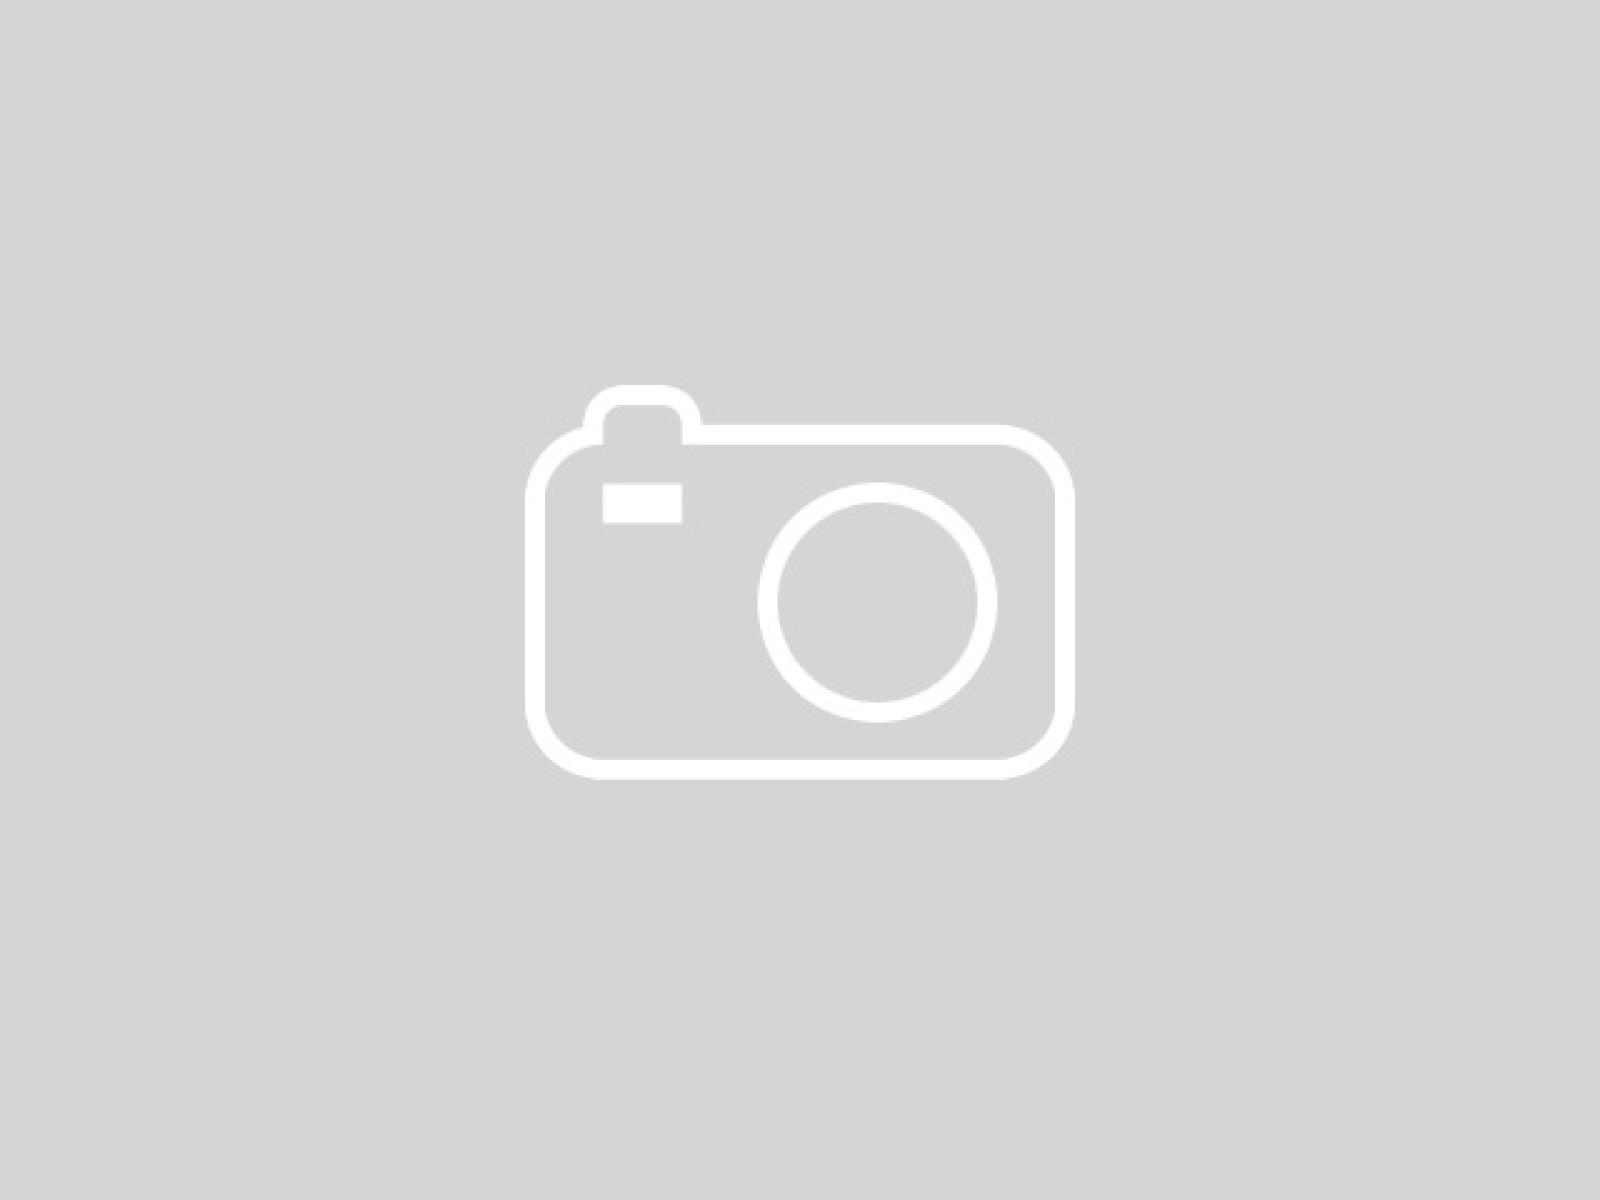 New 2021 Hyundai Santa Fe Essential FWD